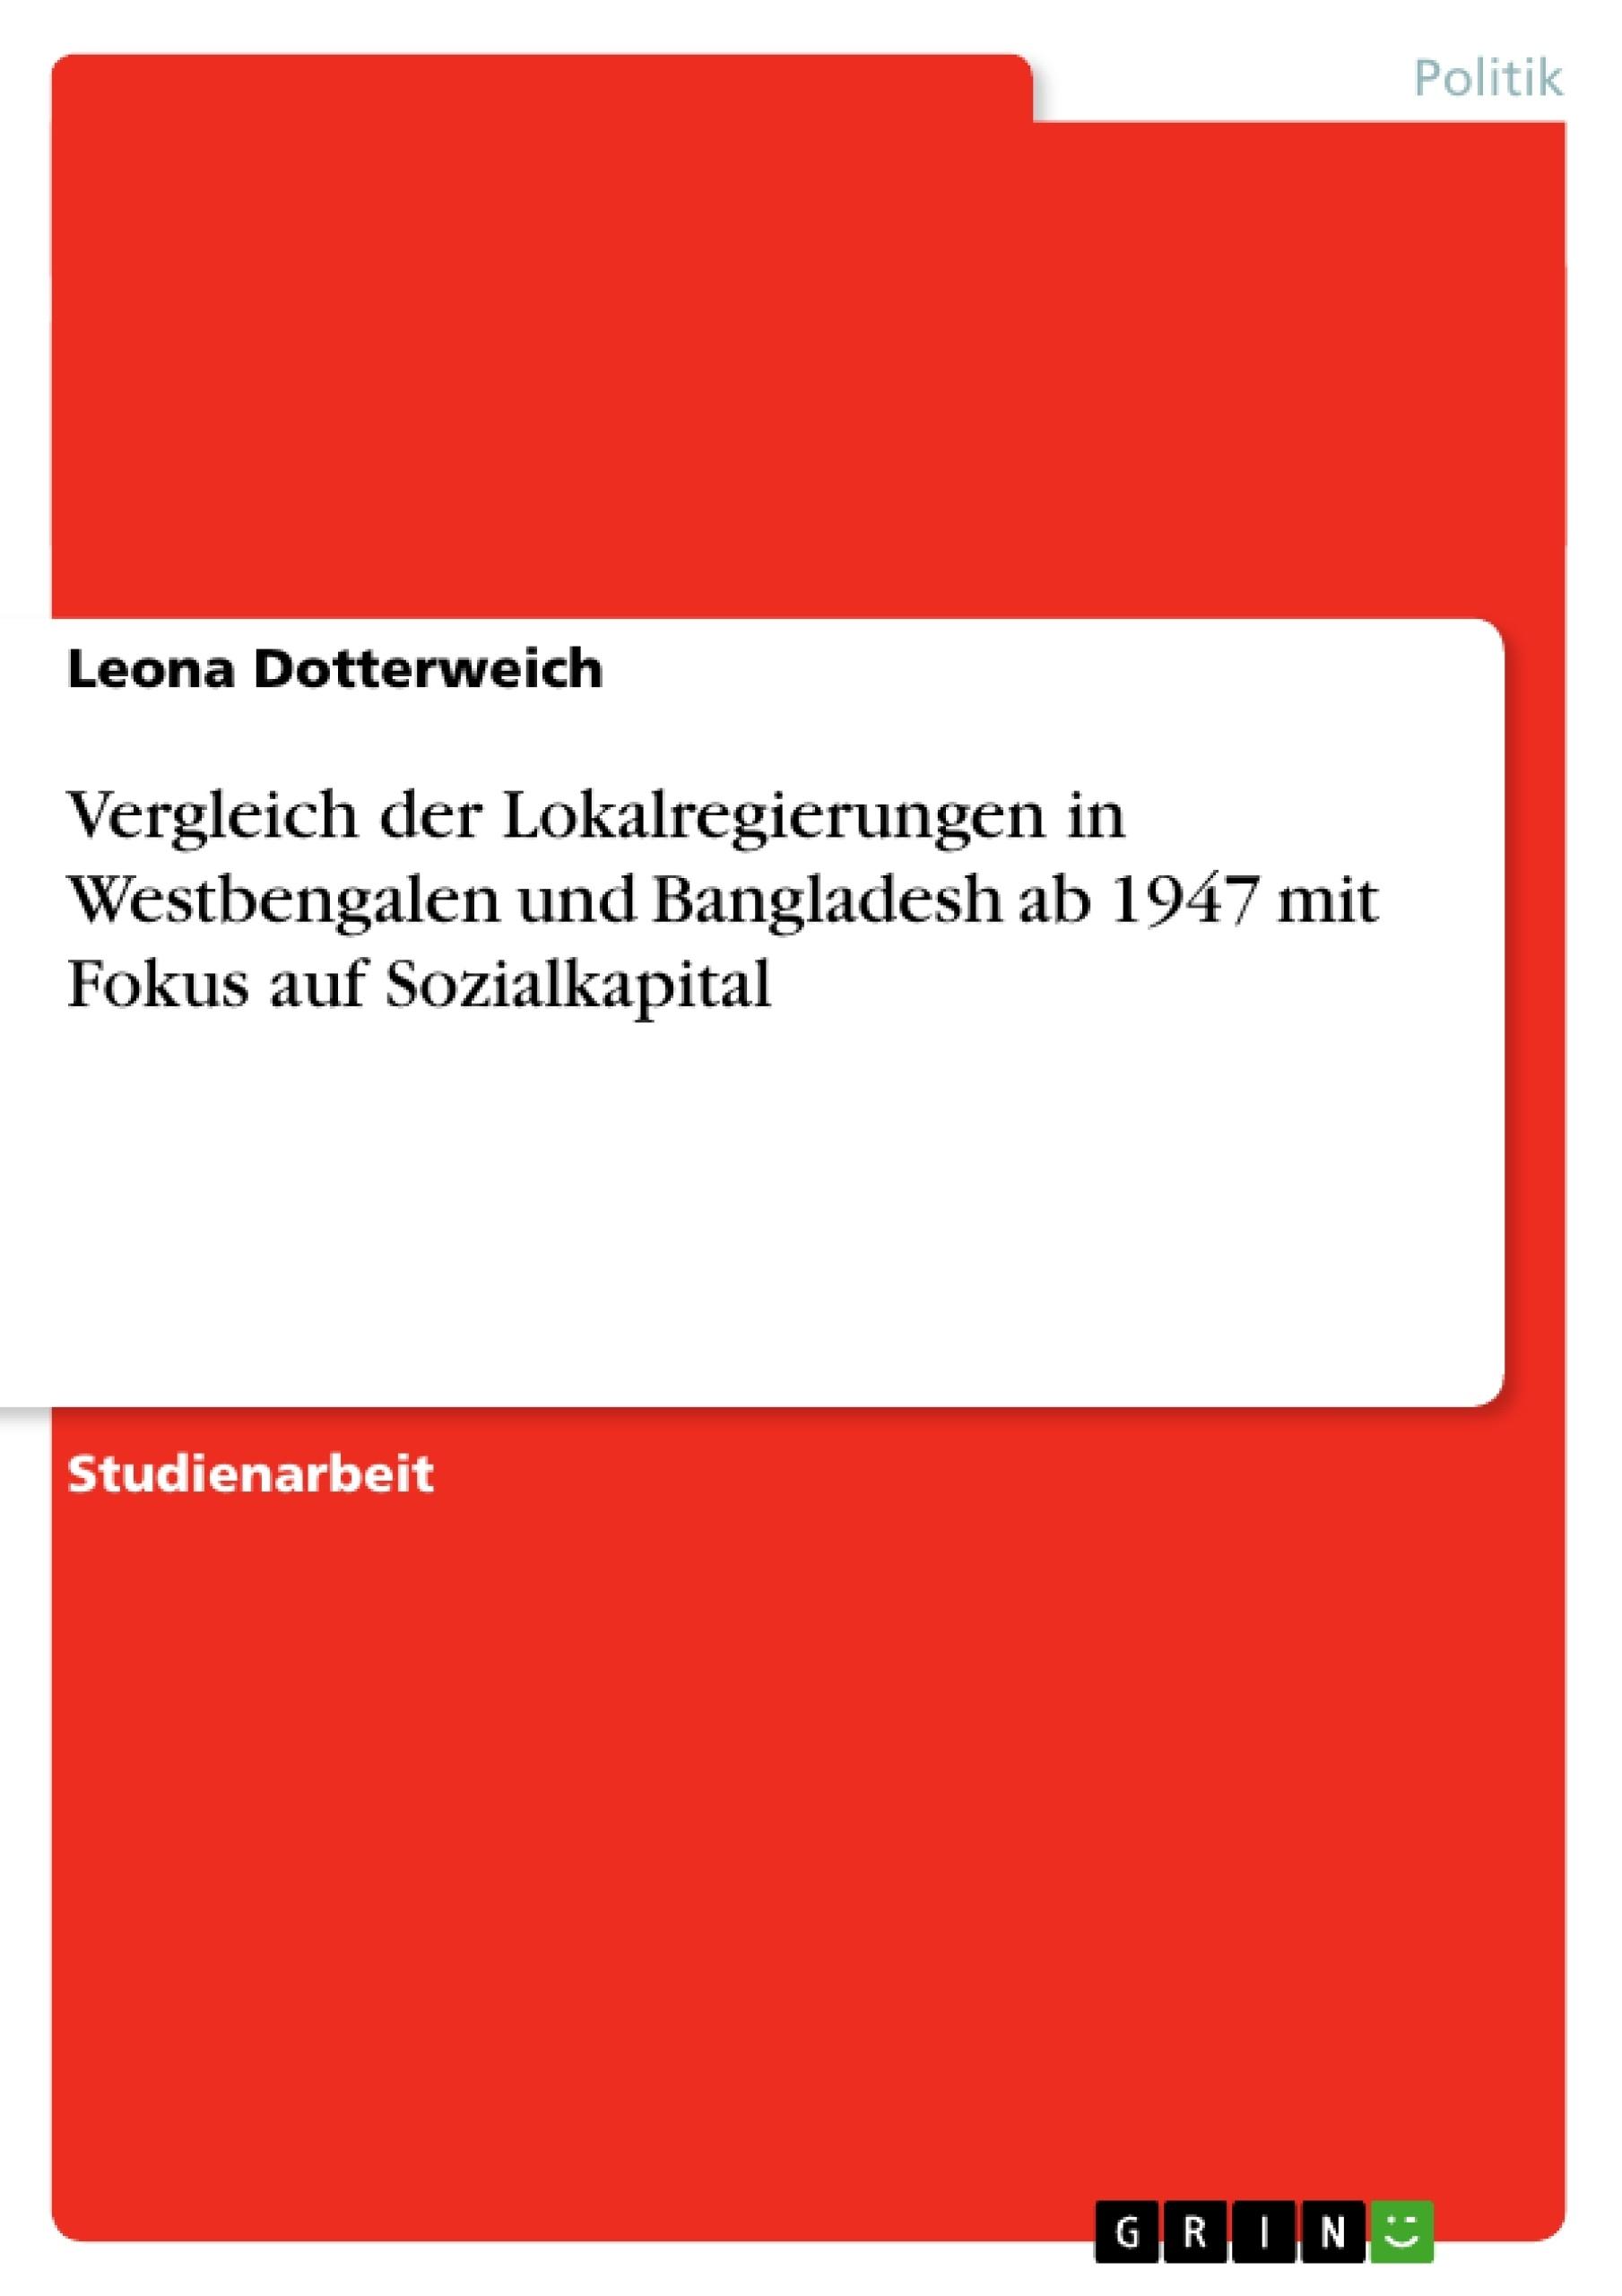 Titel: Vergleich der Lokalregierungen in Westbengalen und Bangladesh ab 1947 mit Fokus auf Sozialkapital